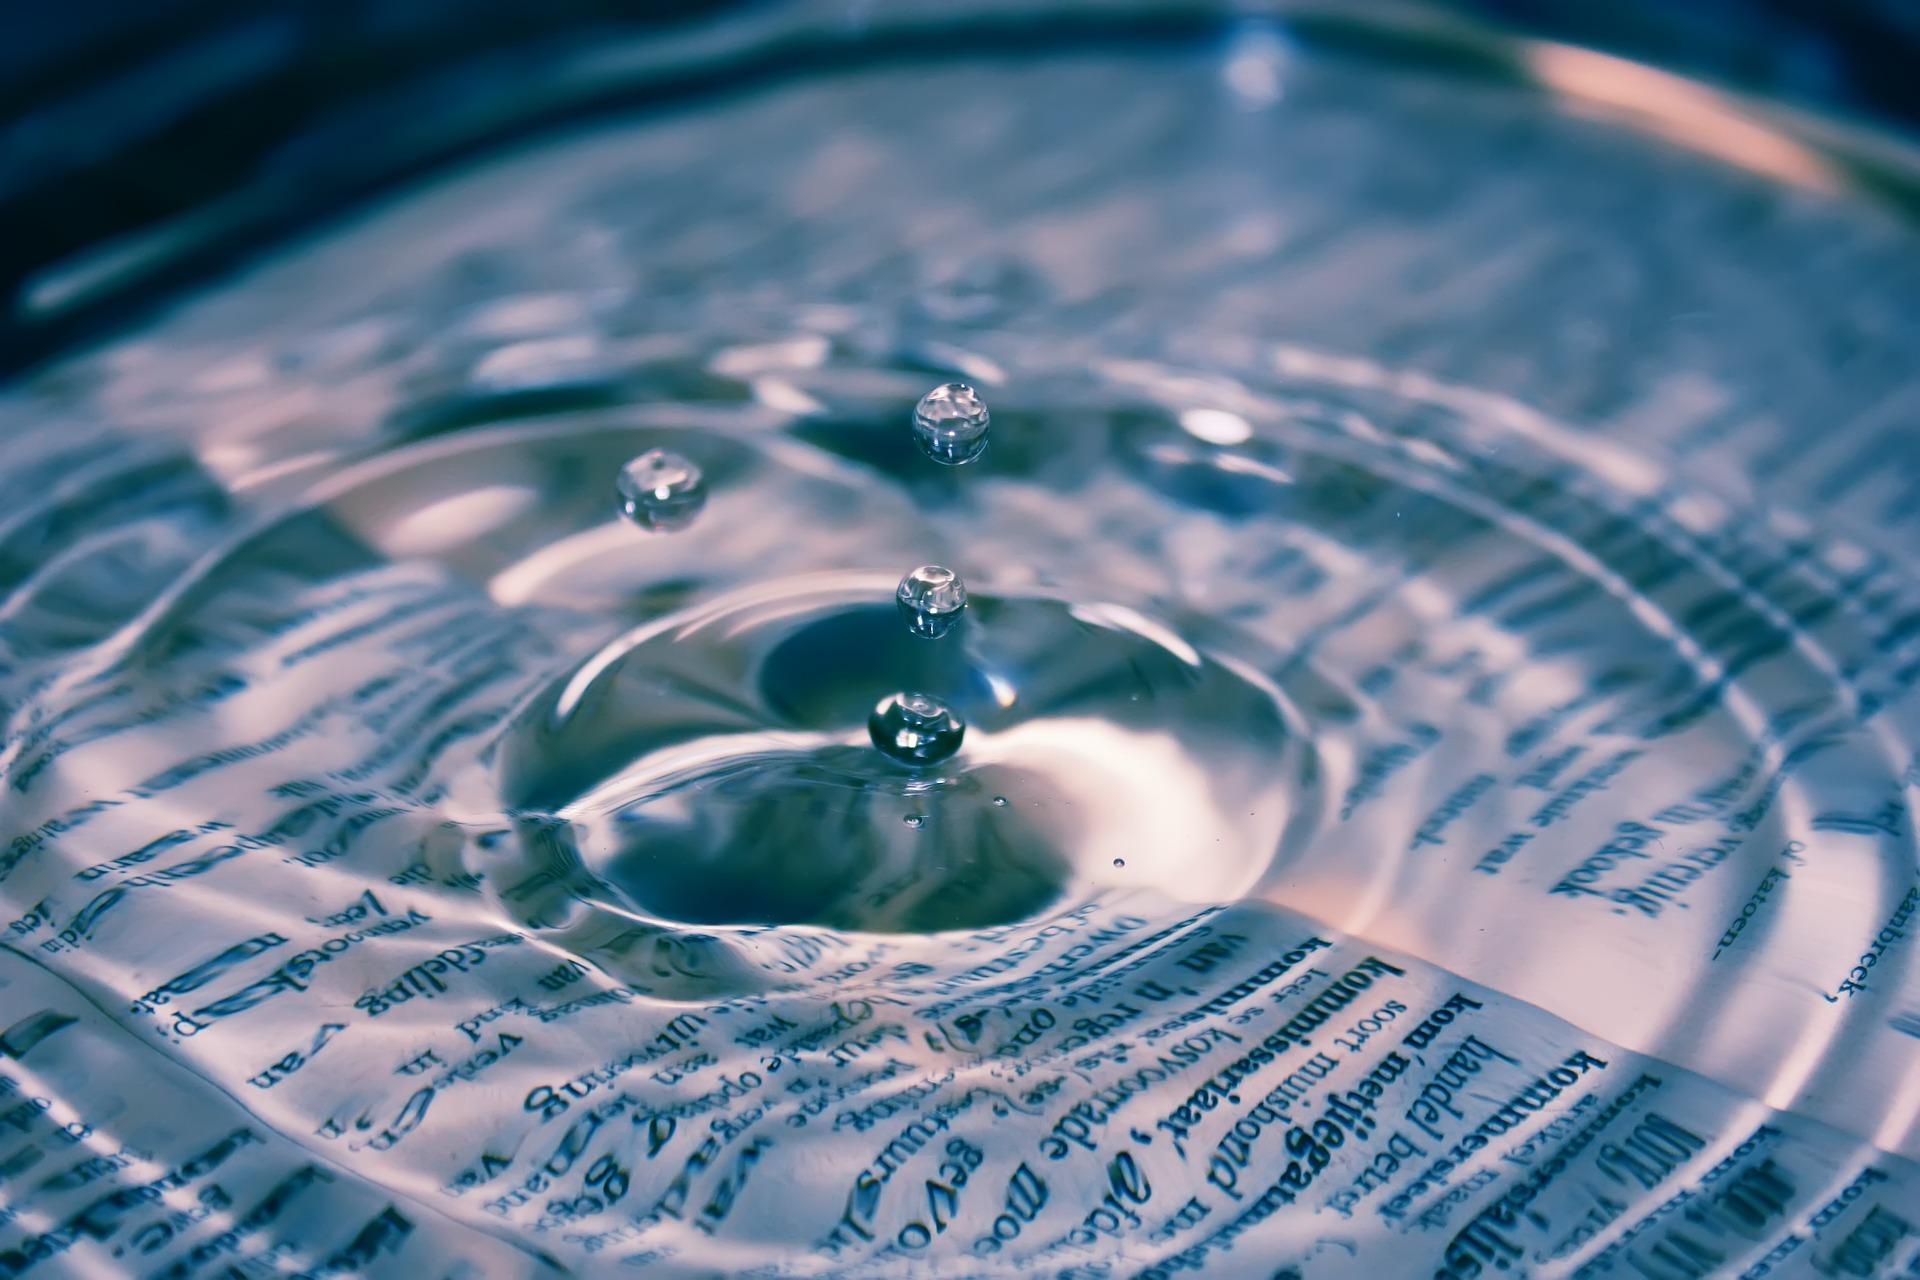 Klare Wassertropfen und Wörterbuch; pixabay/Janeke88